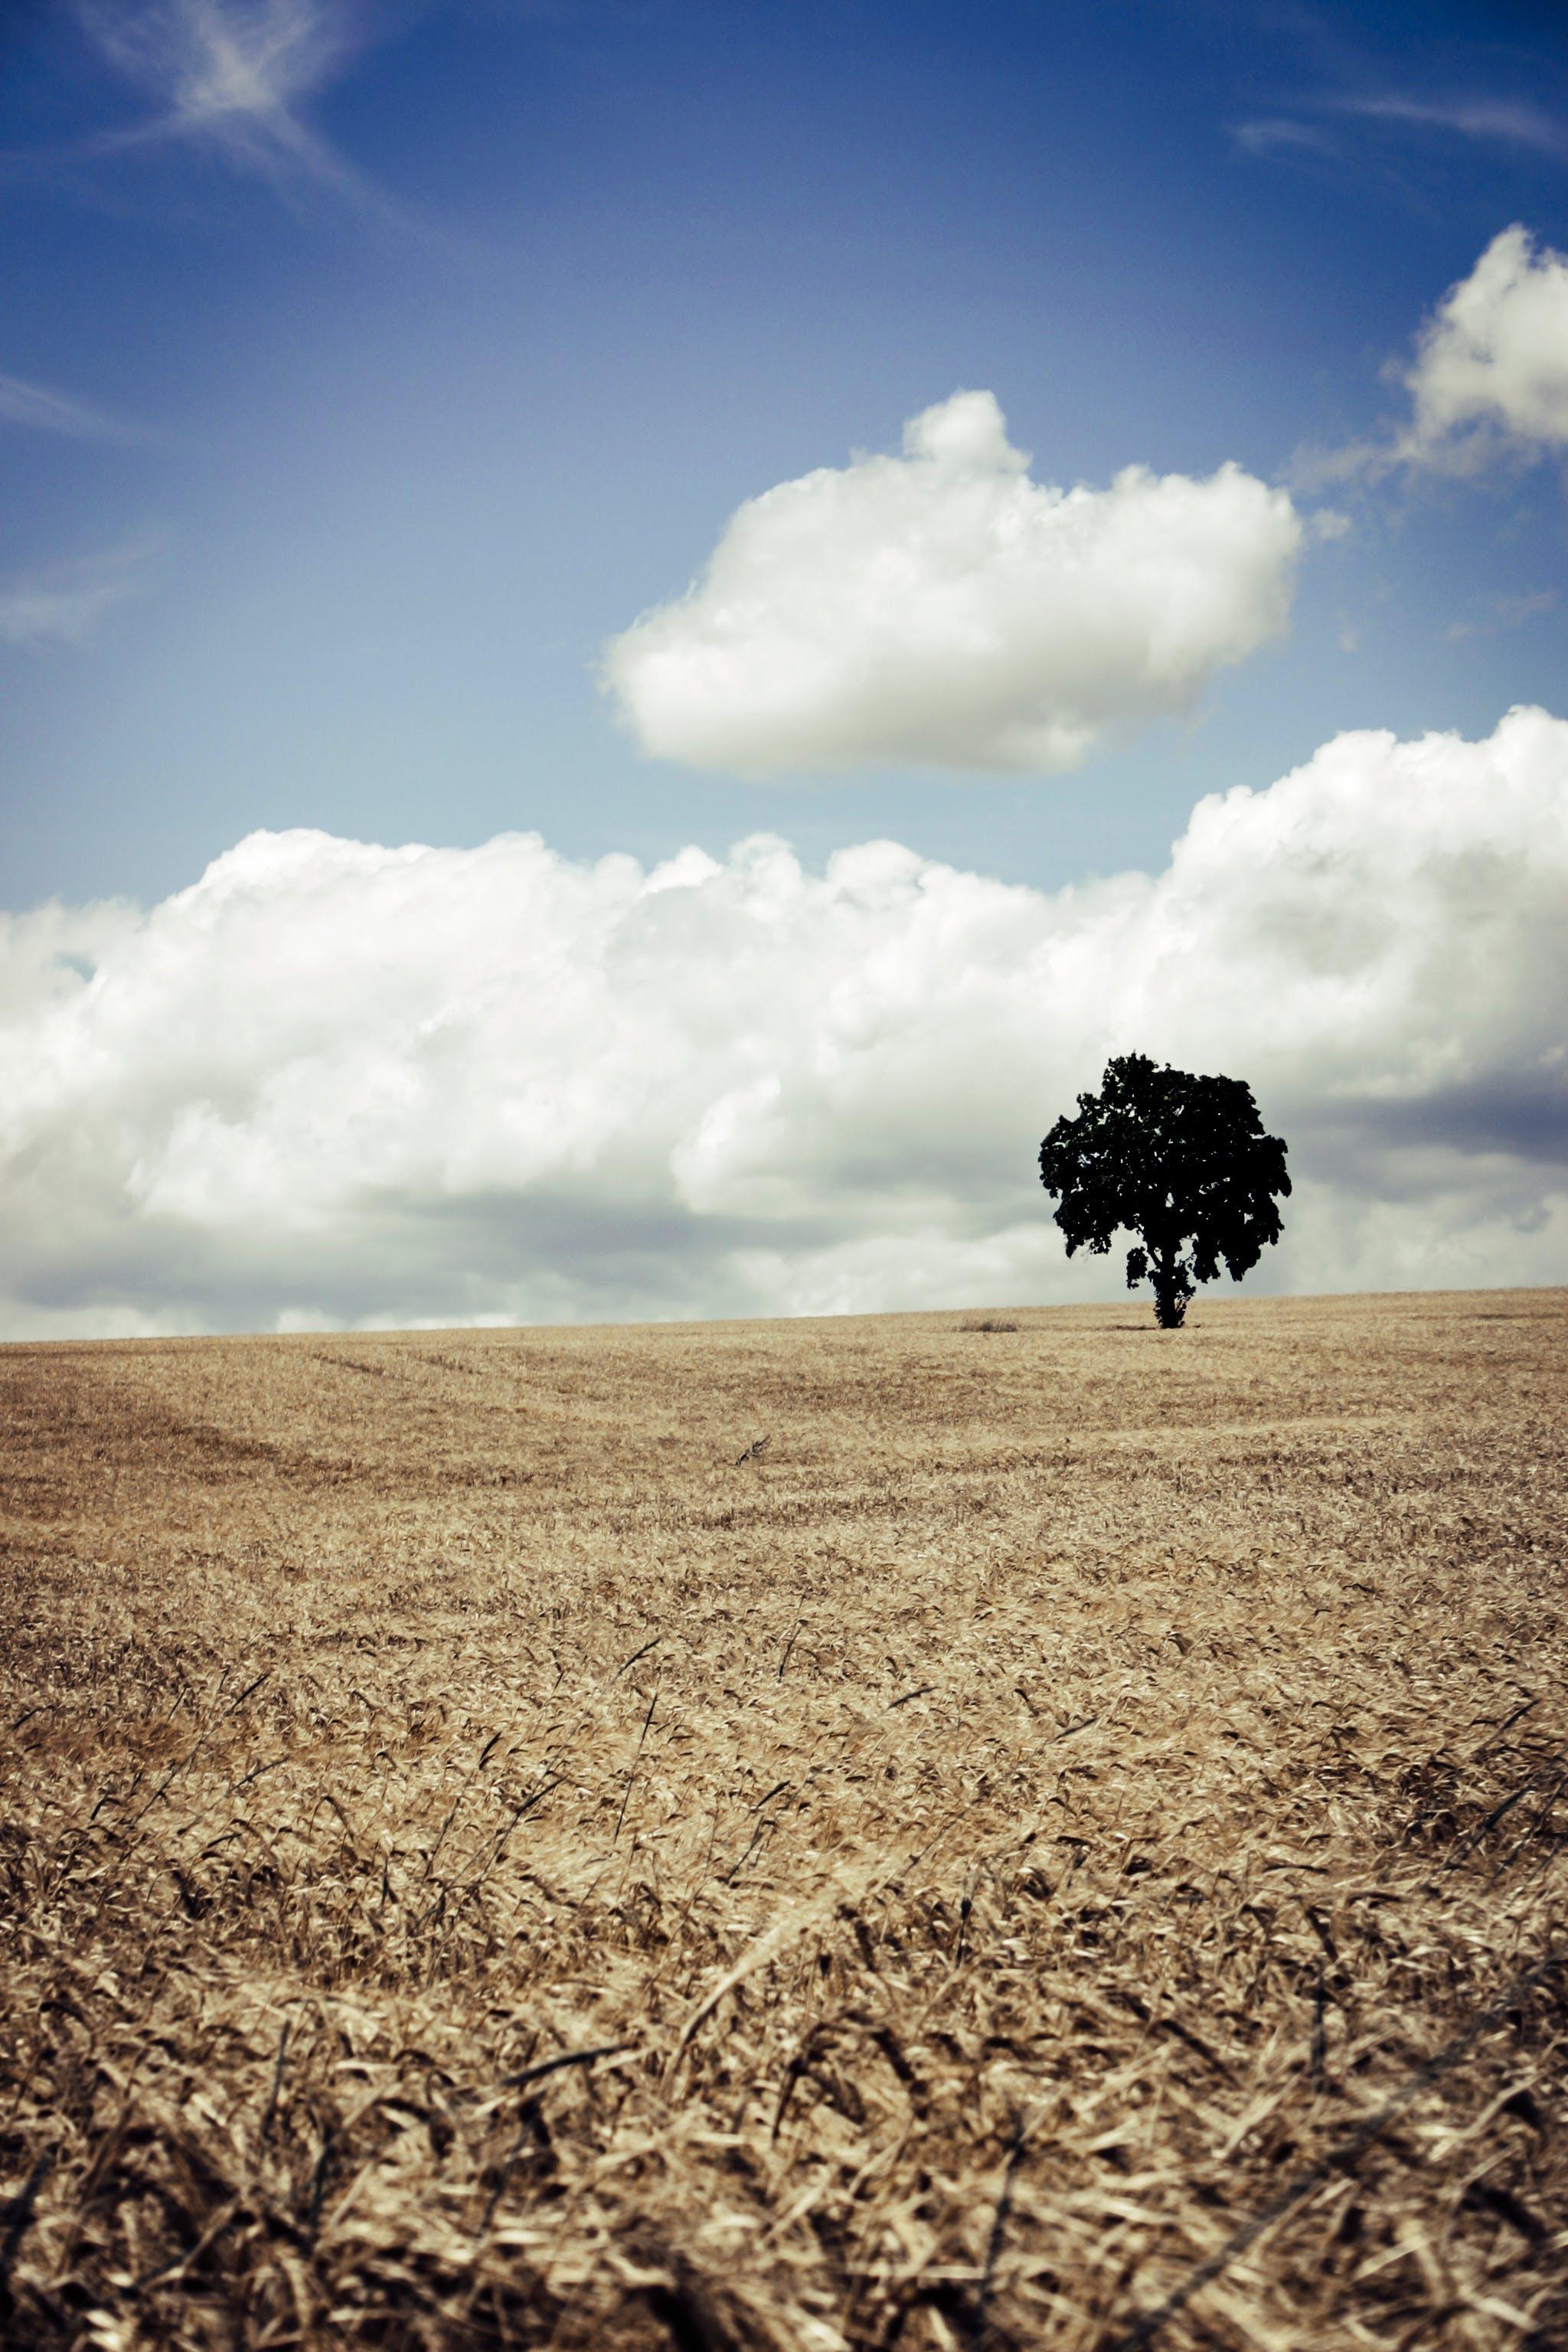 Tree in Brown Wheat Field